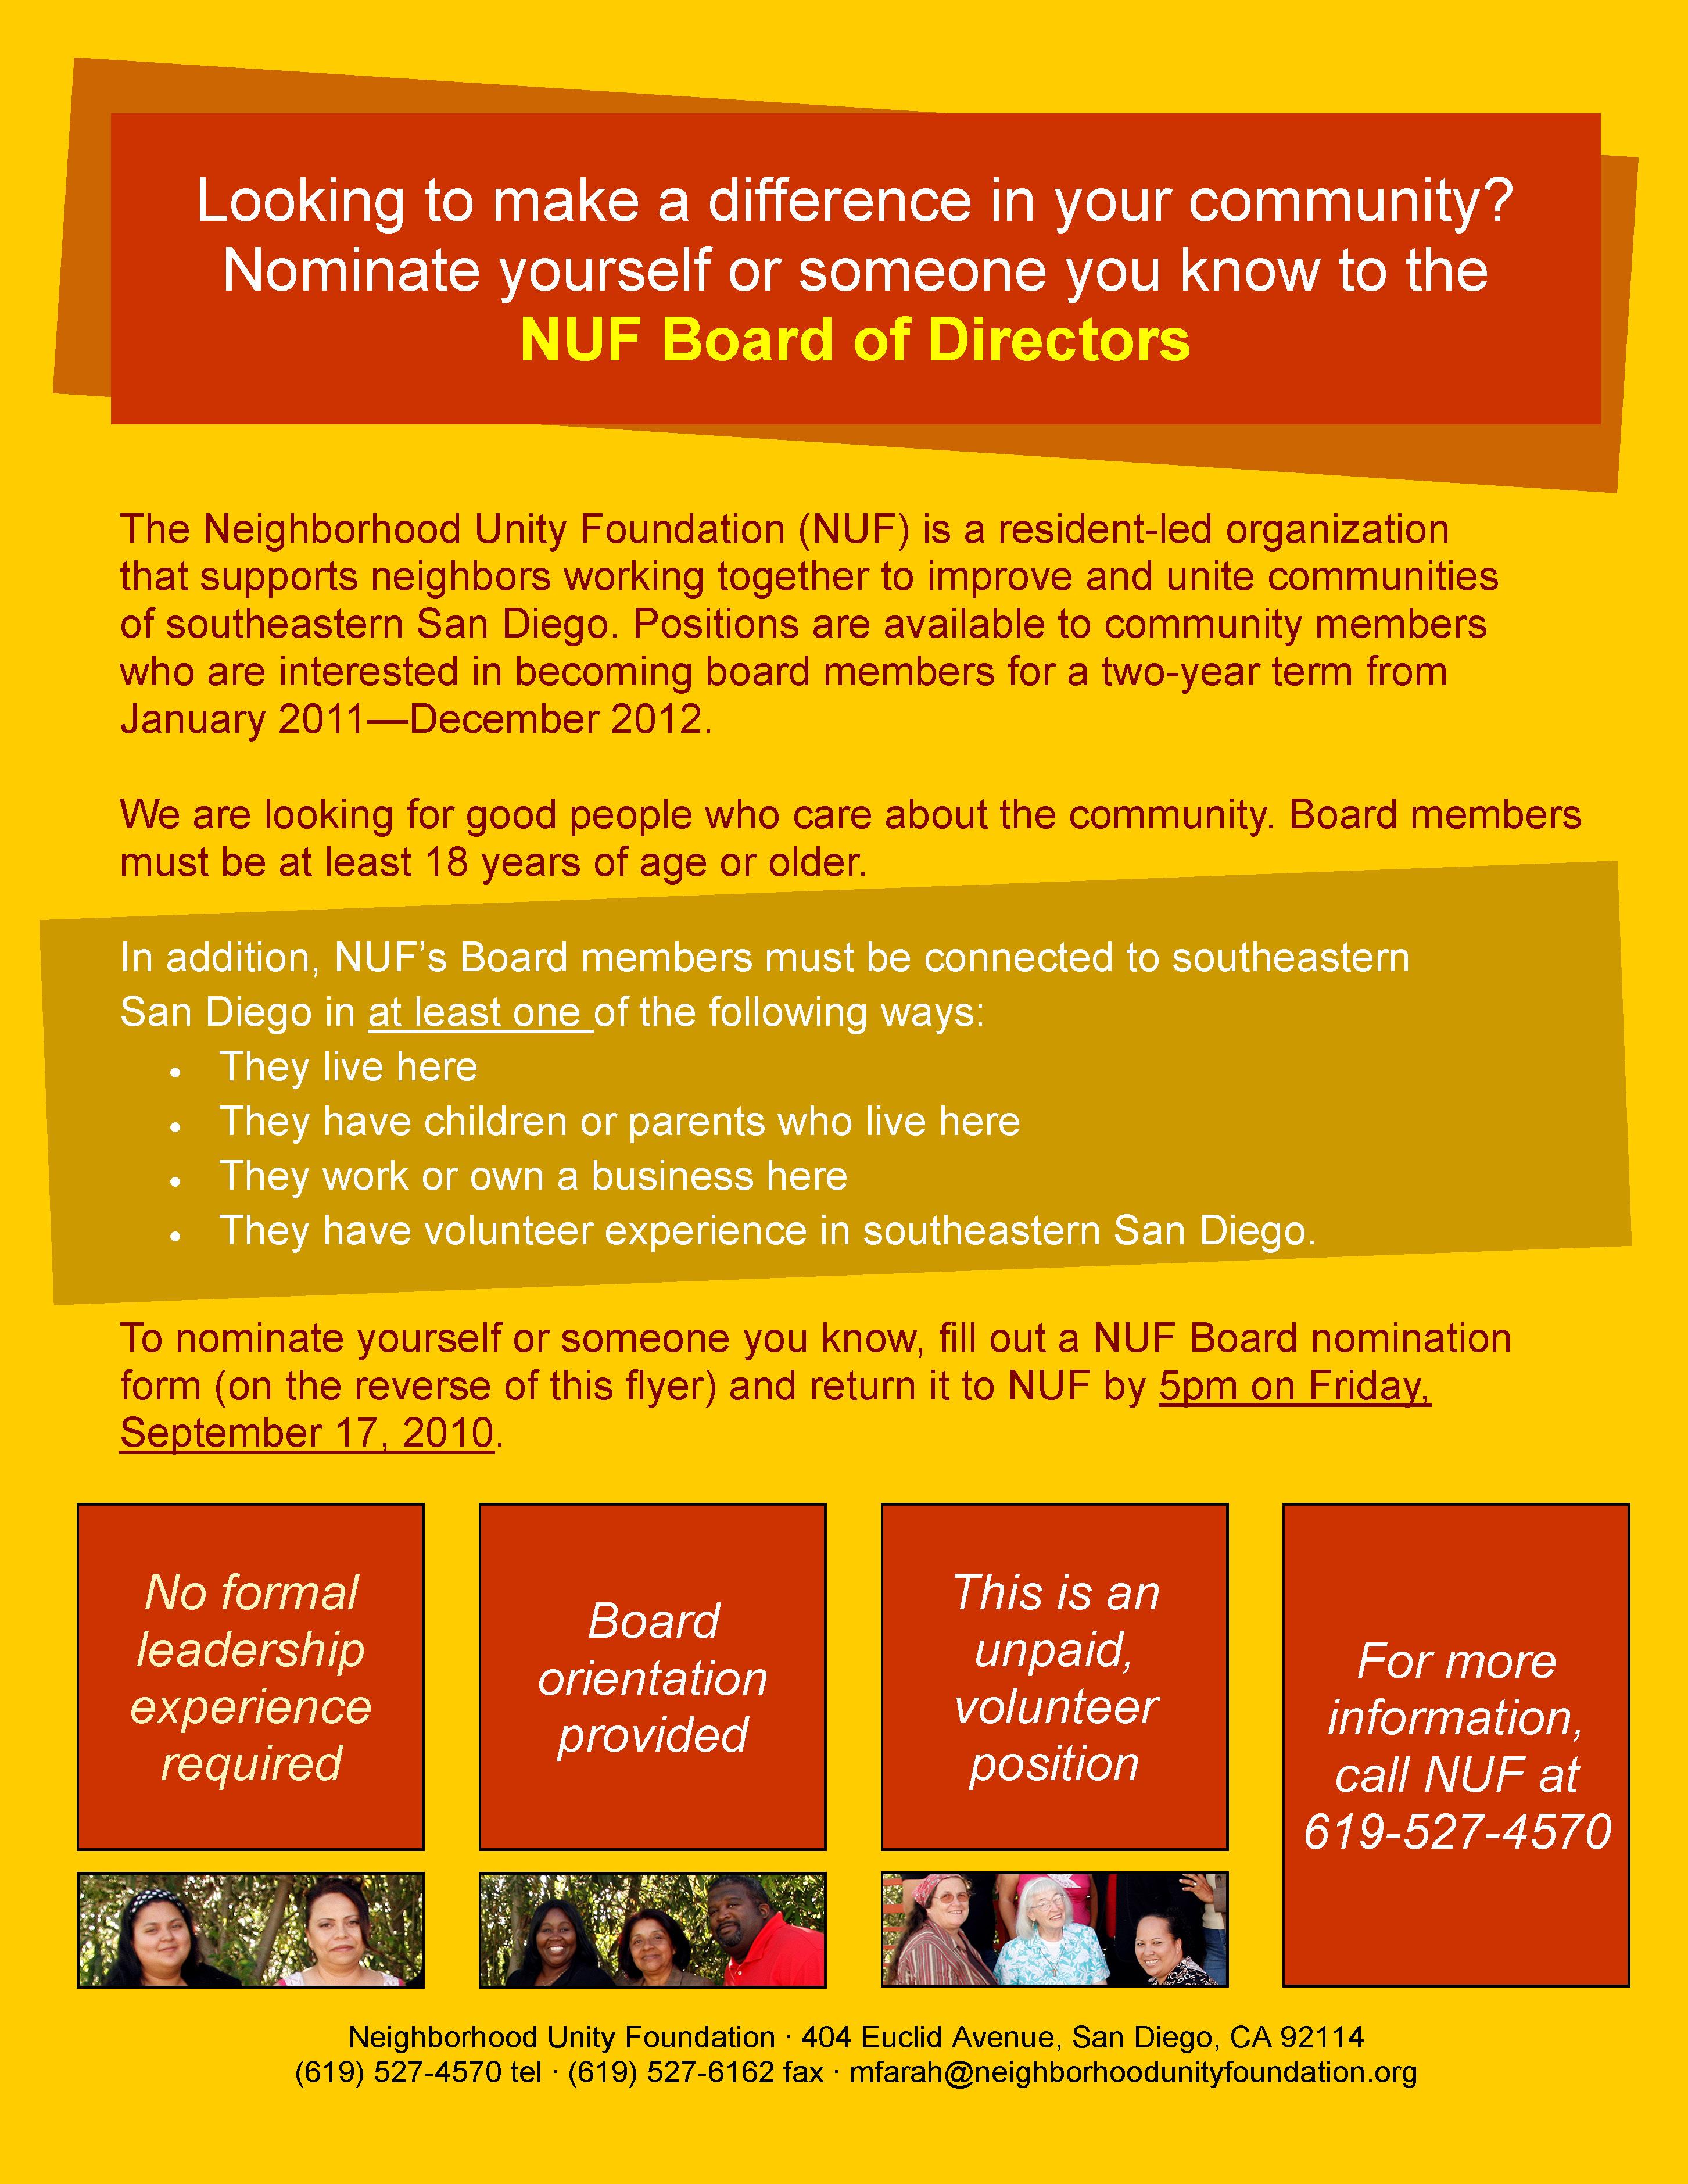 NUF Board Nominations Flyer 2010